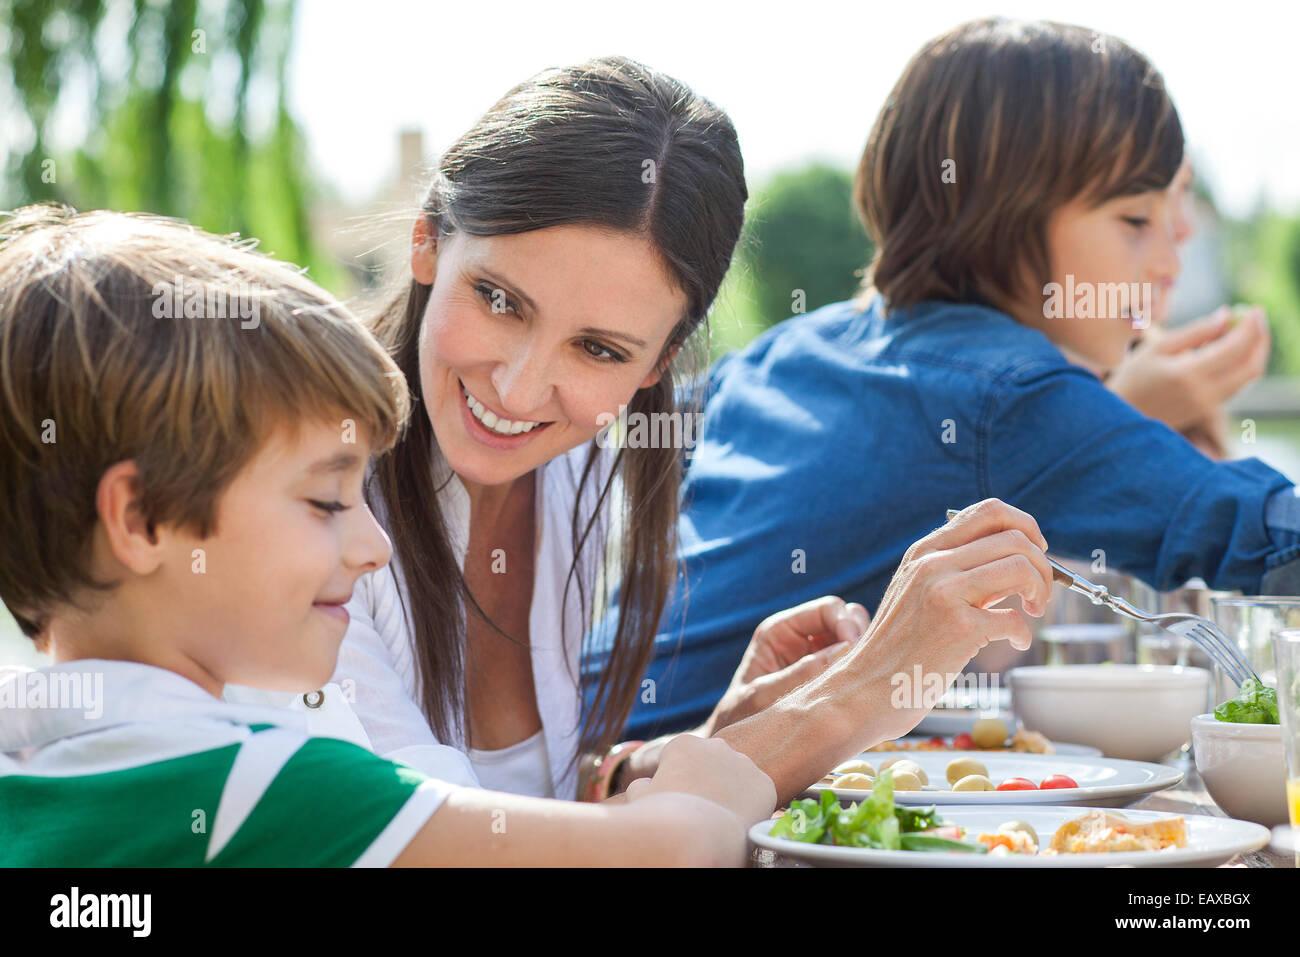 Repas santé Family outdoors Photo Stock